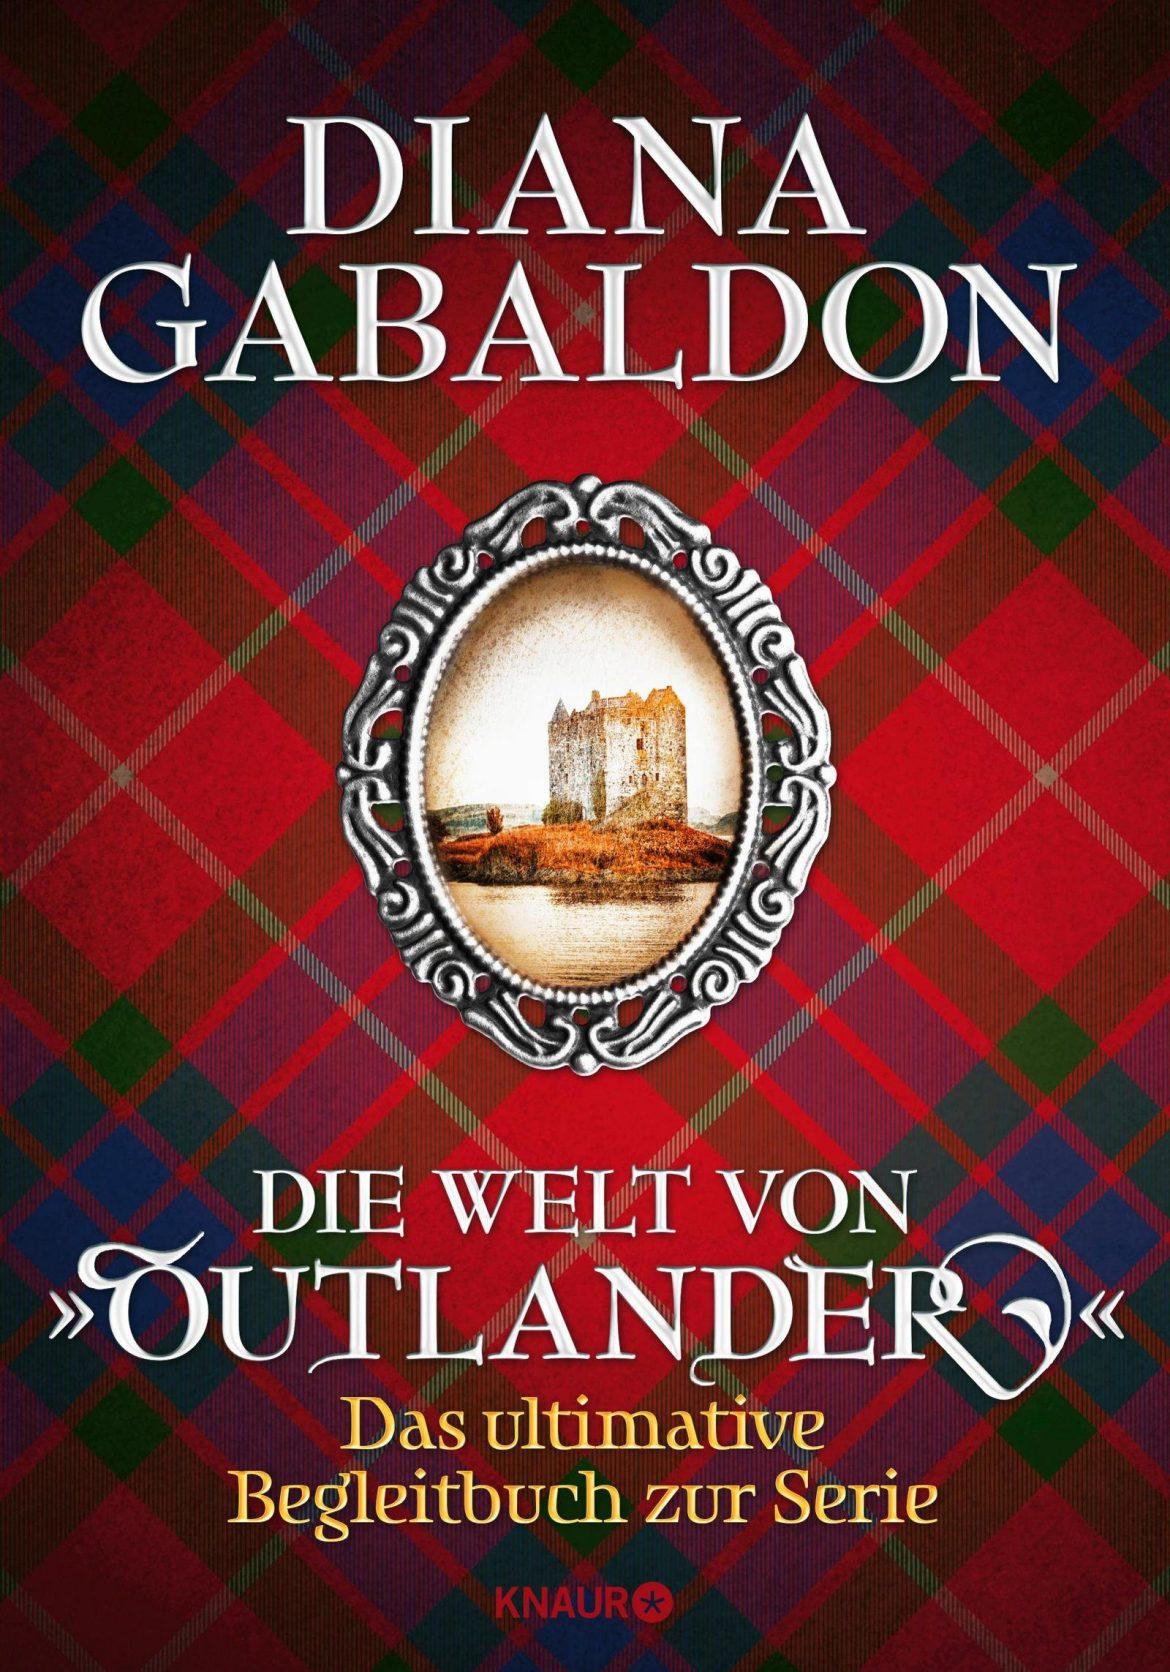 Diana Gabaldon - Die Welt von Outlander